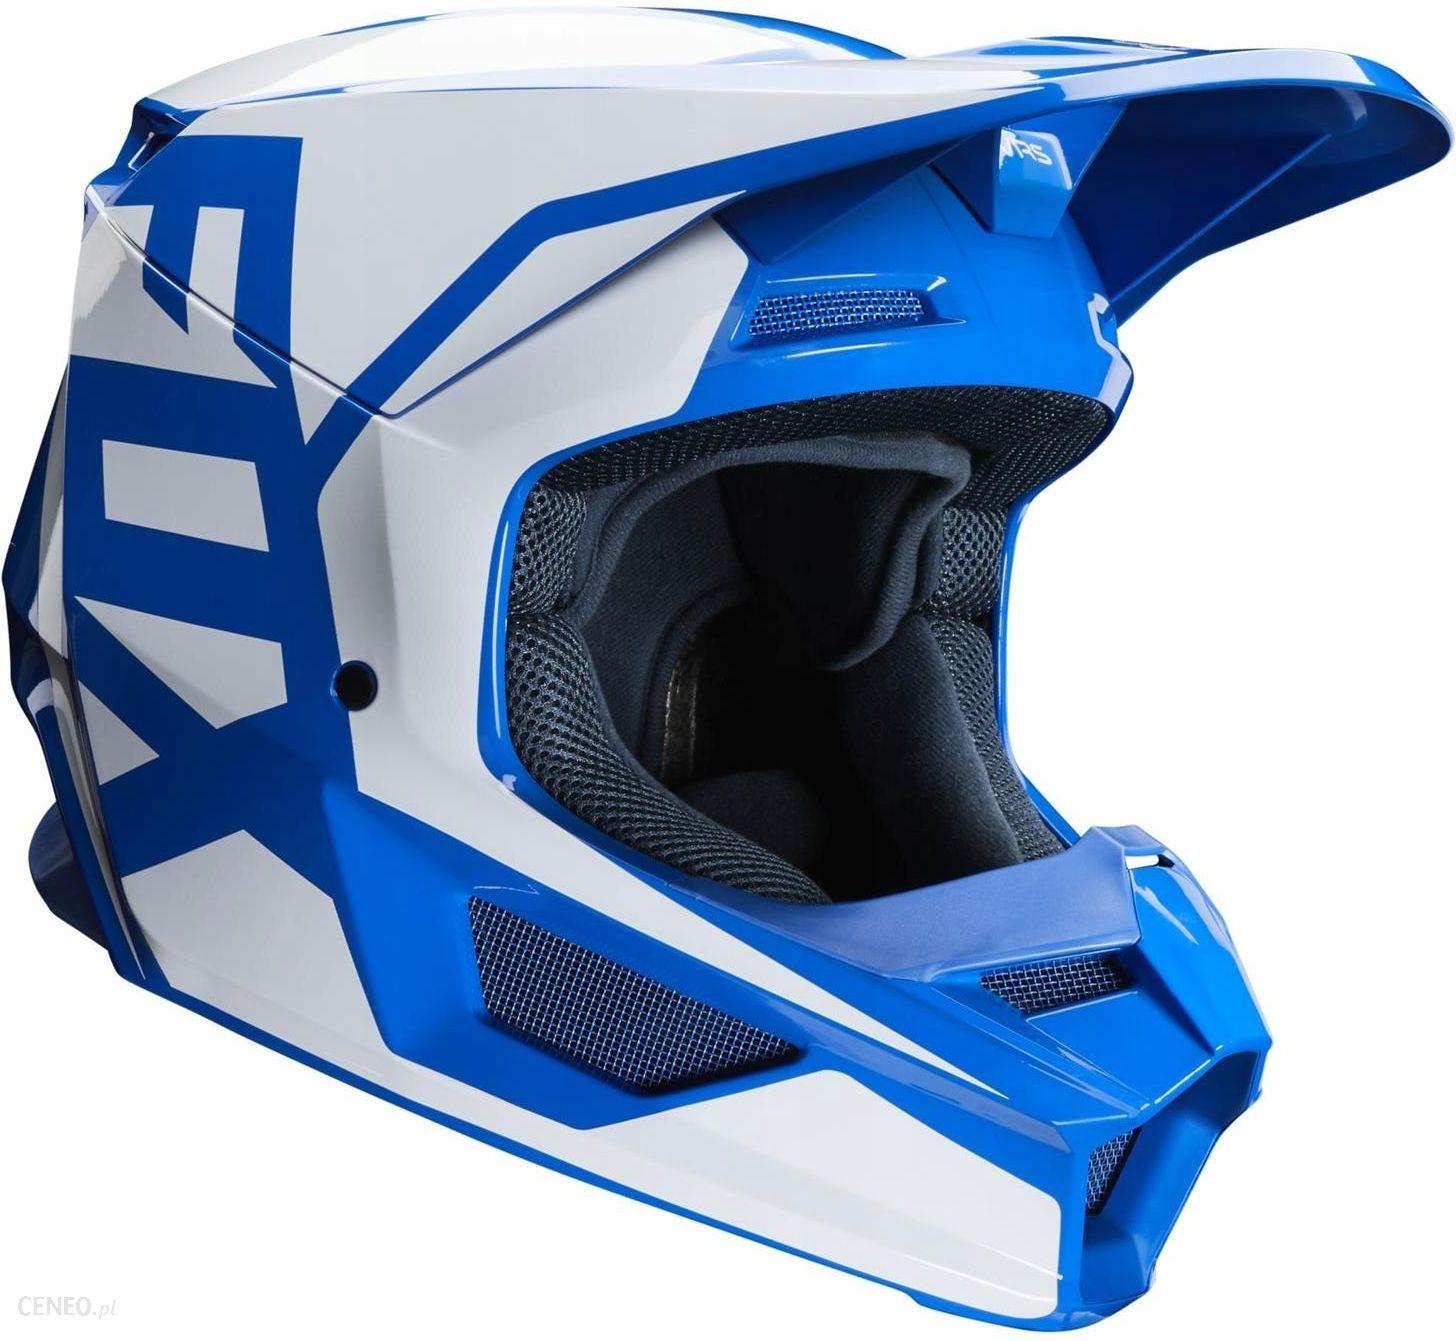 Kask motocyklowy Kask Fox V1 Prix Blue niebieski biały